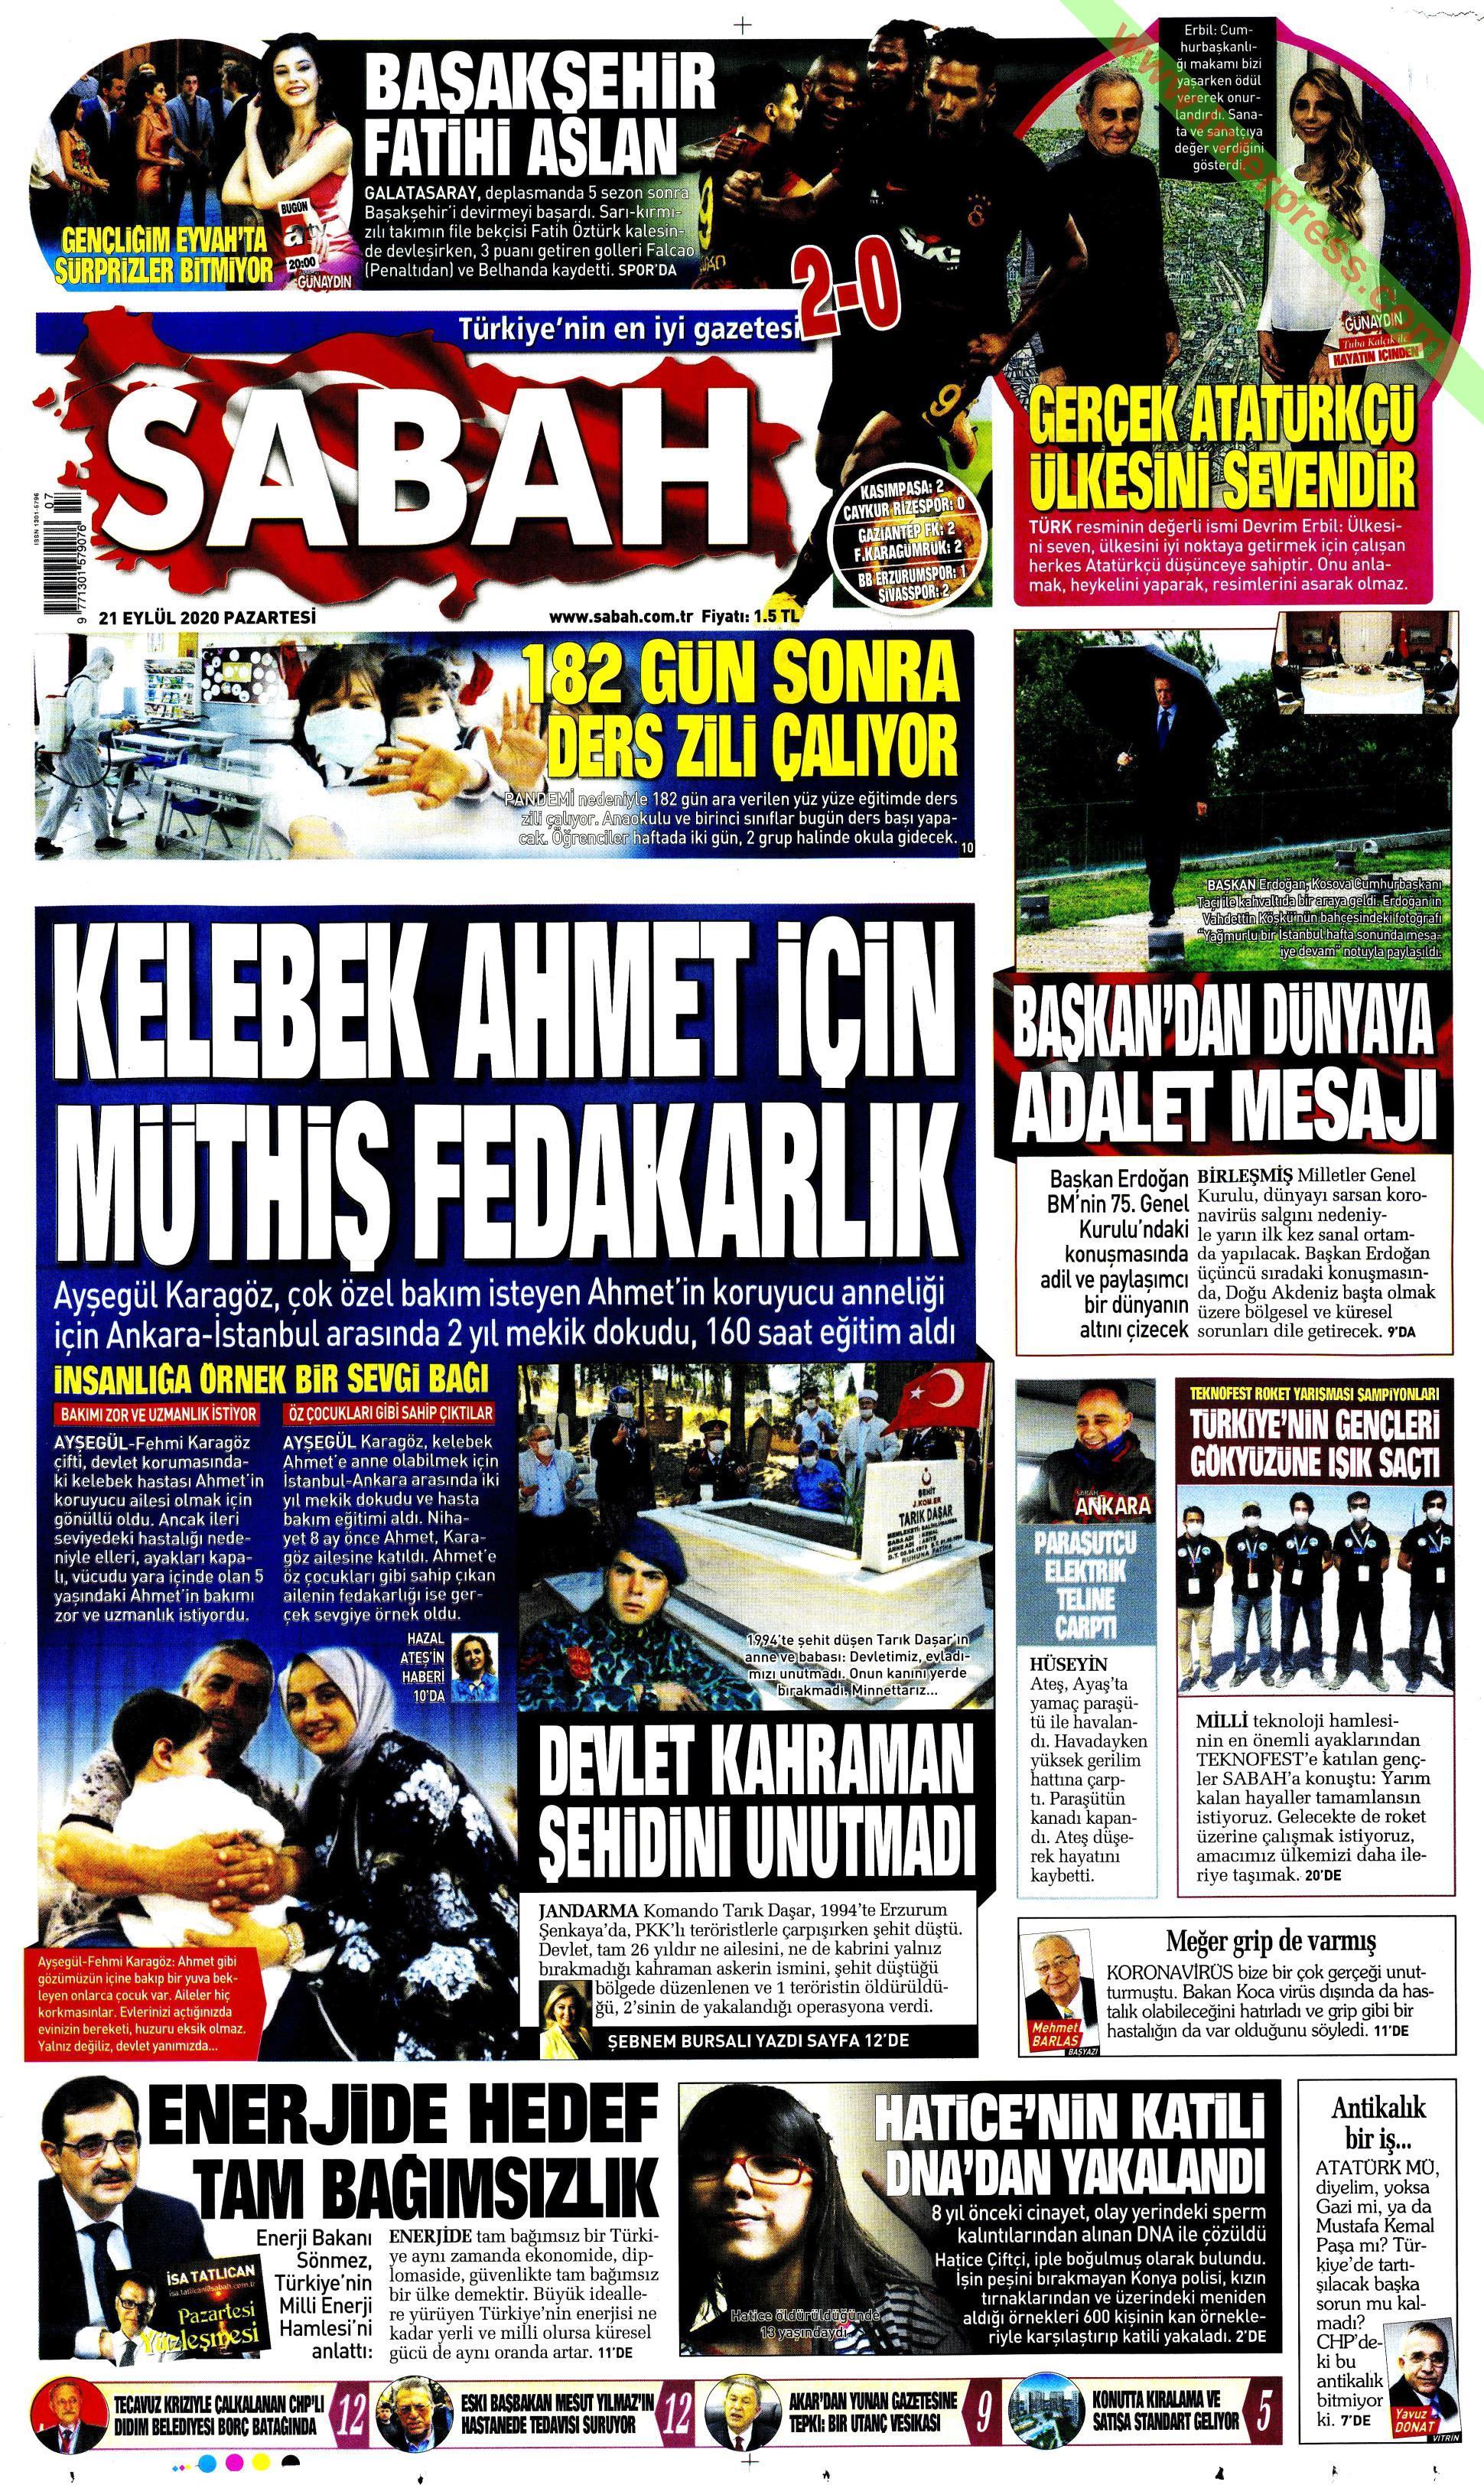 Sabah gazetesi manşet ilk sayfa oku